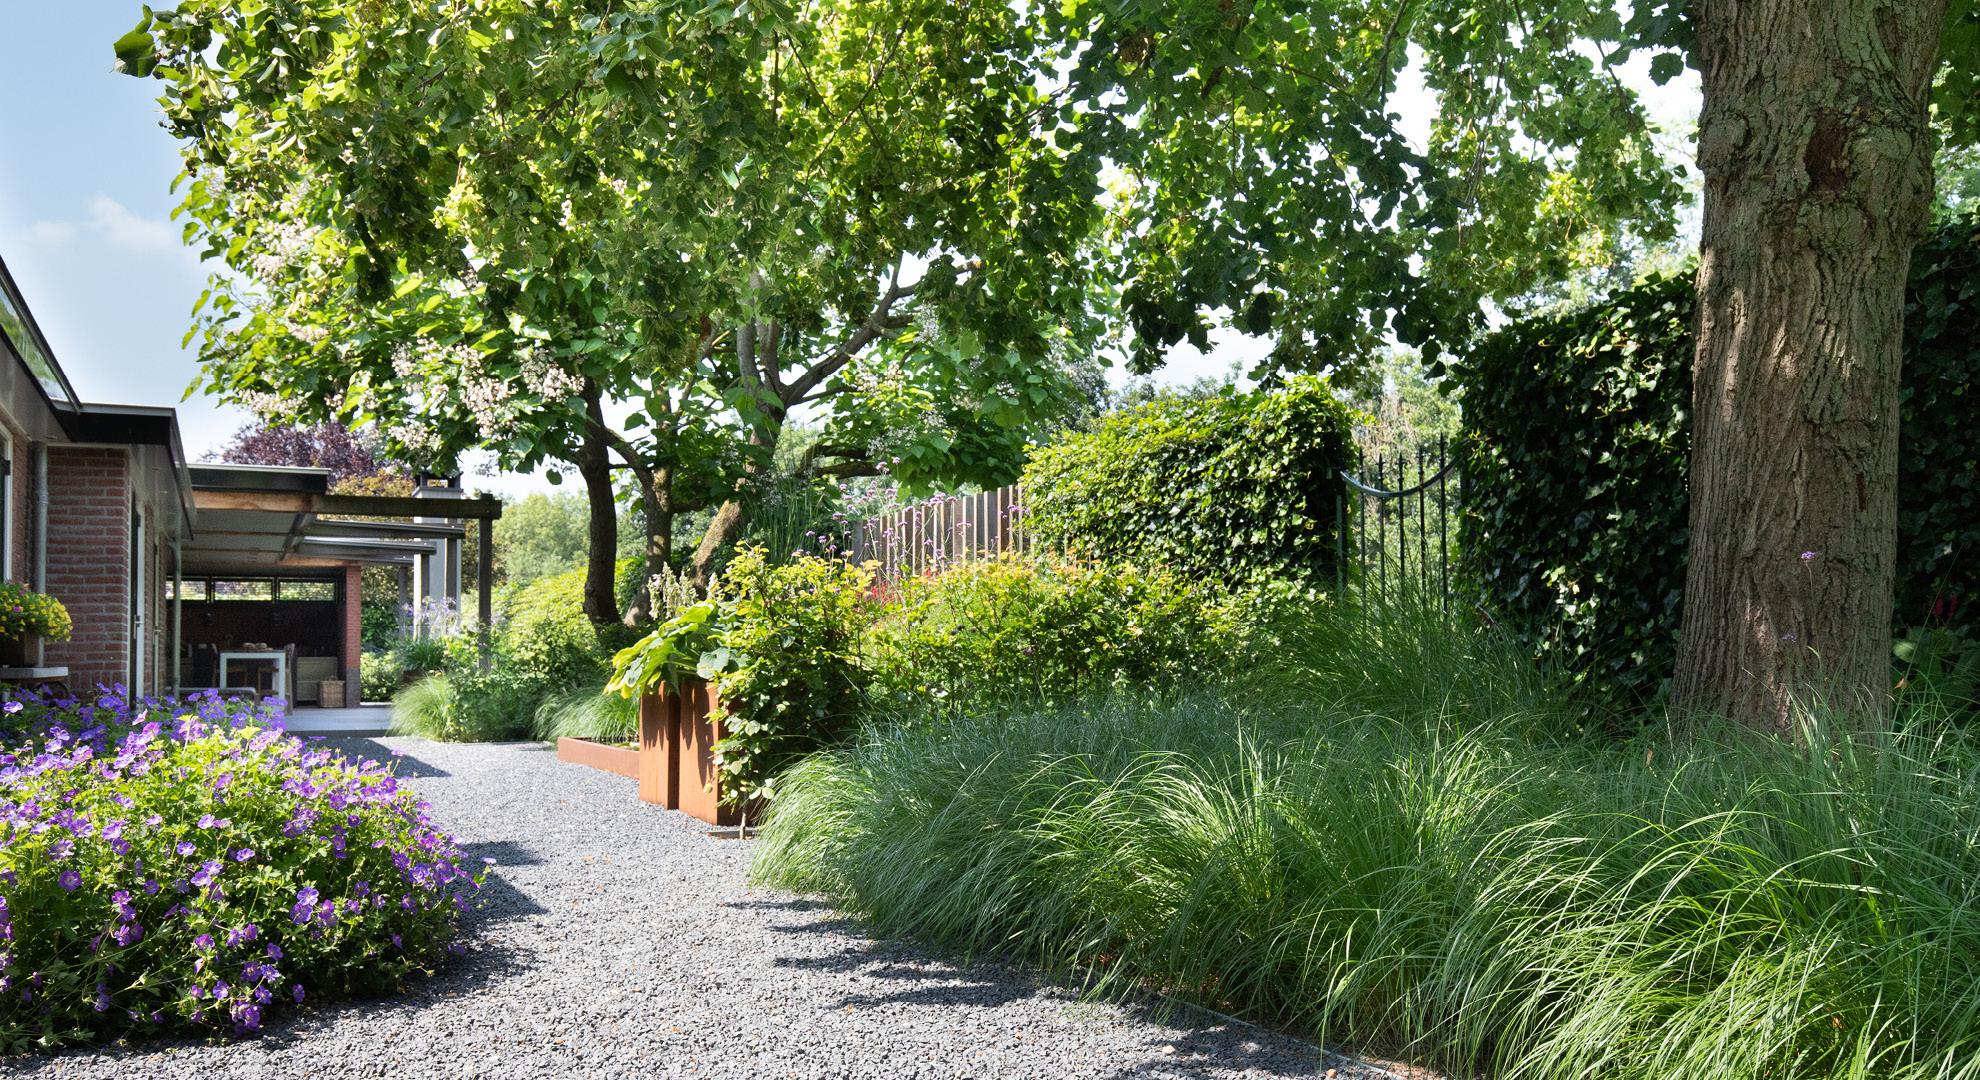 Natuurlijke tuin bij een statige woning aan het water - Foto 2